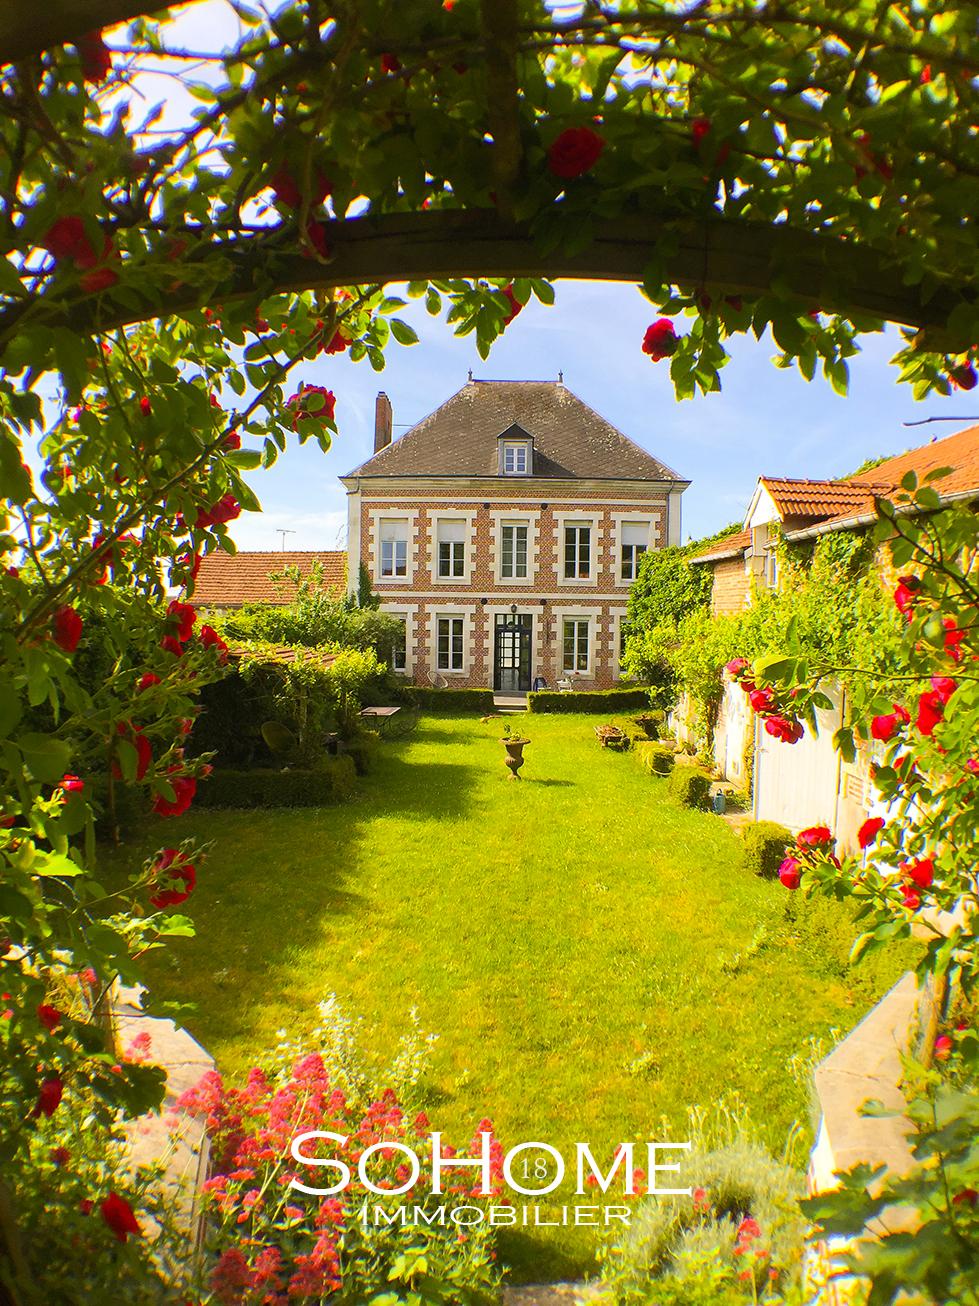 SoHomeImmobilier-FAMILIALE-maison-15.jpg